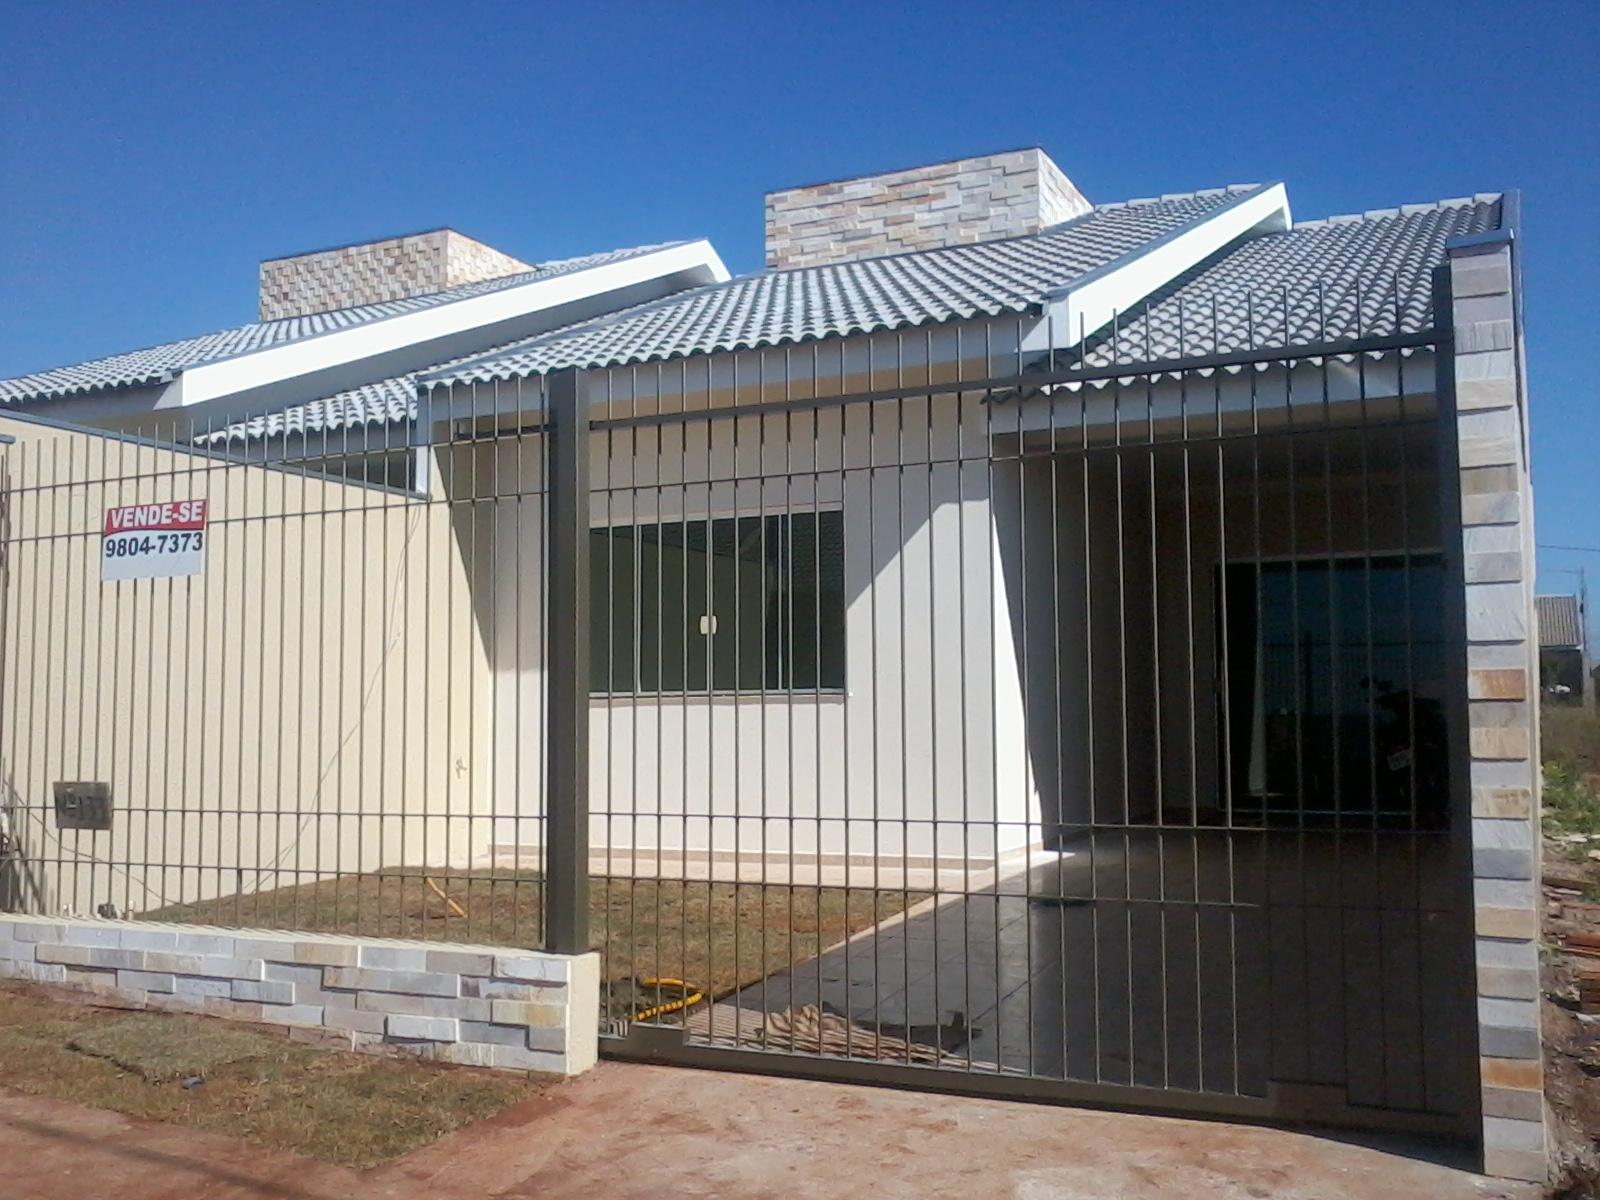 ArteDeCoração: Vendo Casa Jardim Sumaré - Maringá-PR